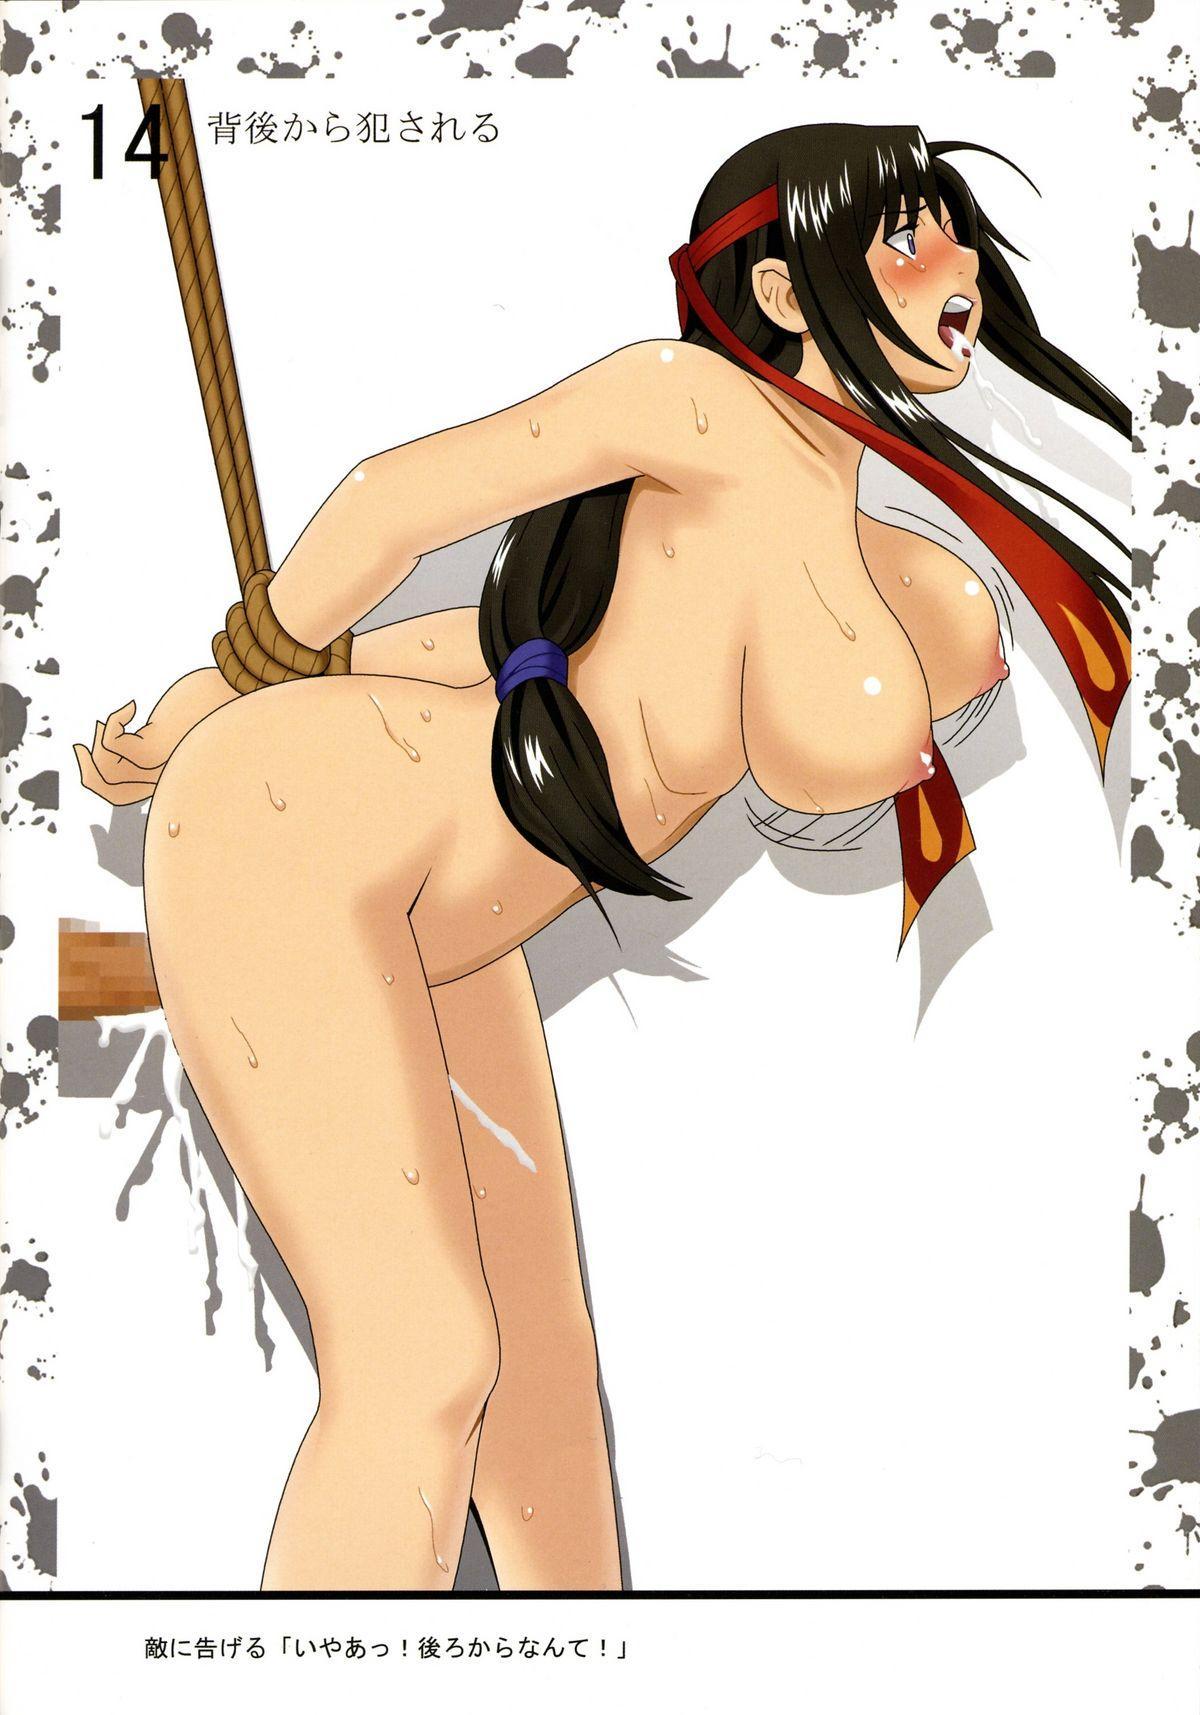 [Muchi Muchi 7] Muchi Muchi Bomber 3 (Queen's Blade) Hi-res 15